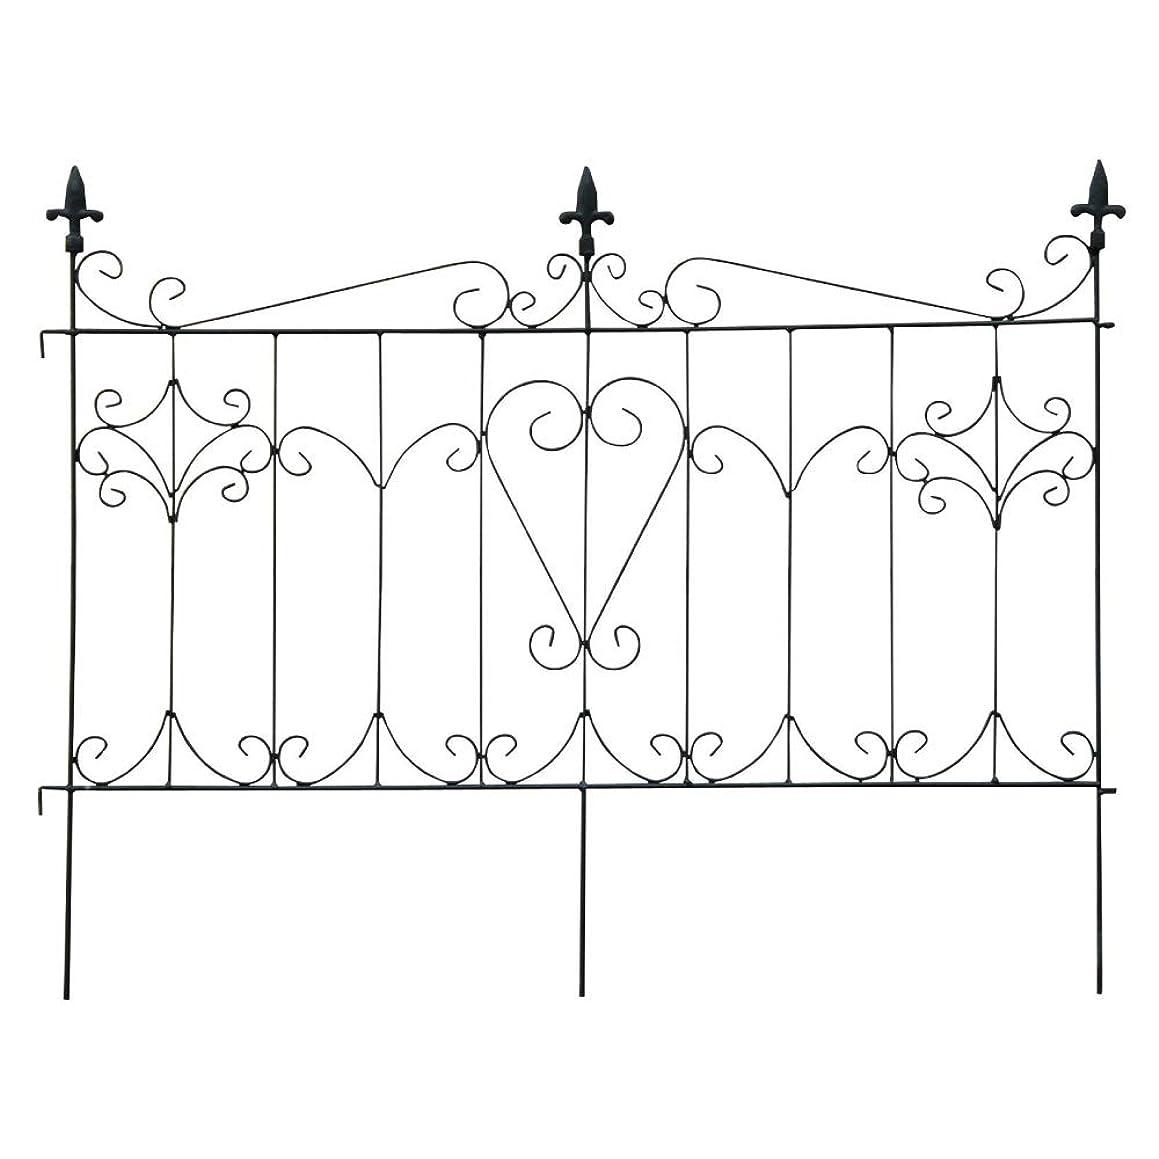 おびえた自分インセンティブガーデンフェンス 鉄製花壇フェンス?カルディアN 黒 2枚 アイアン ガーデニング 庭 ガーデン 柵 連結可能 国華園 …